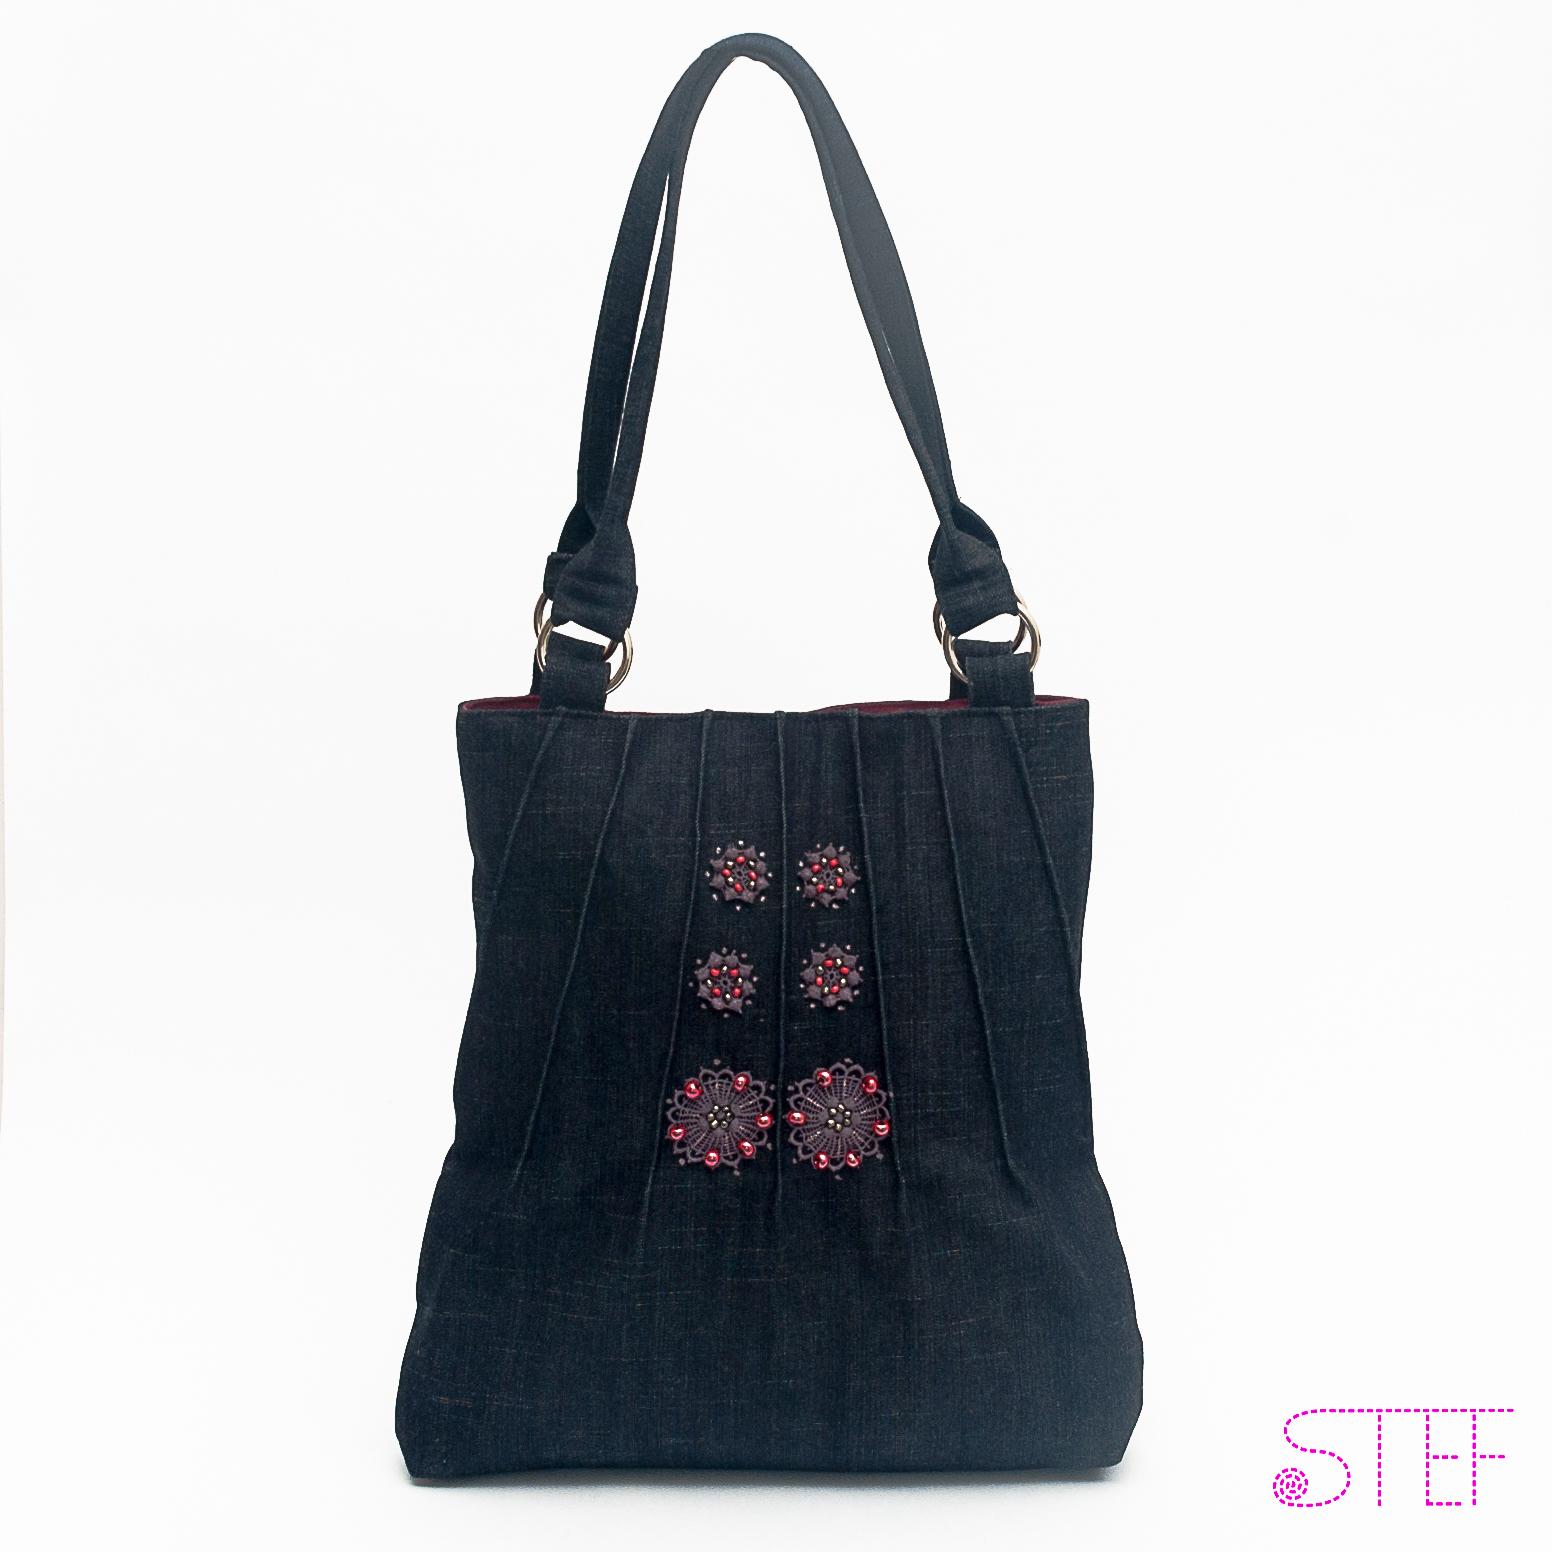 826f6466ad Riflová kabelka s krajkou   Zboží prodejce kabelky